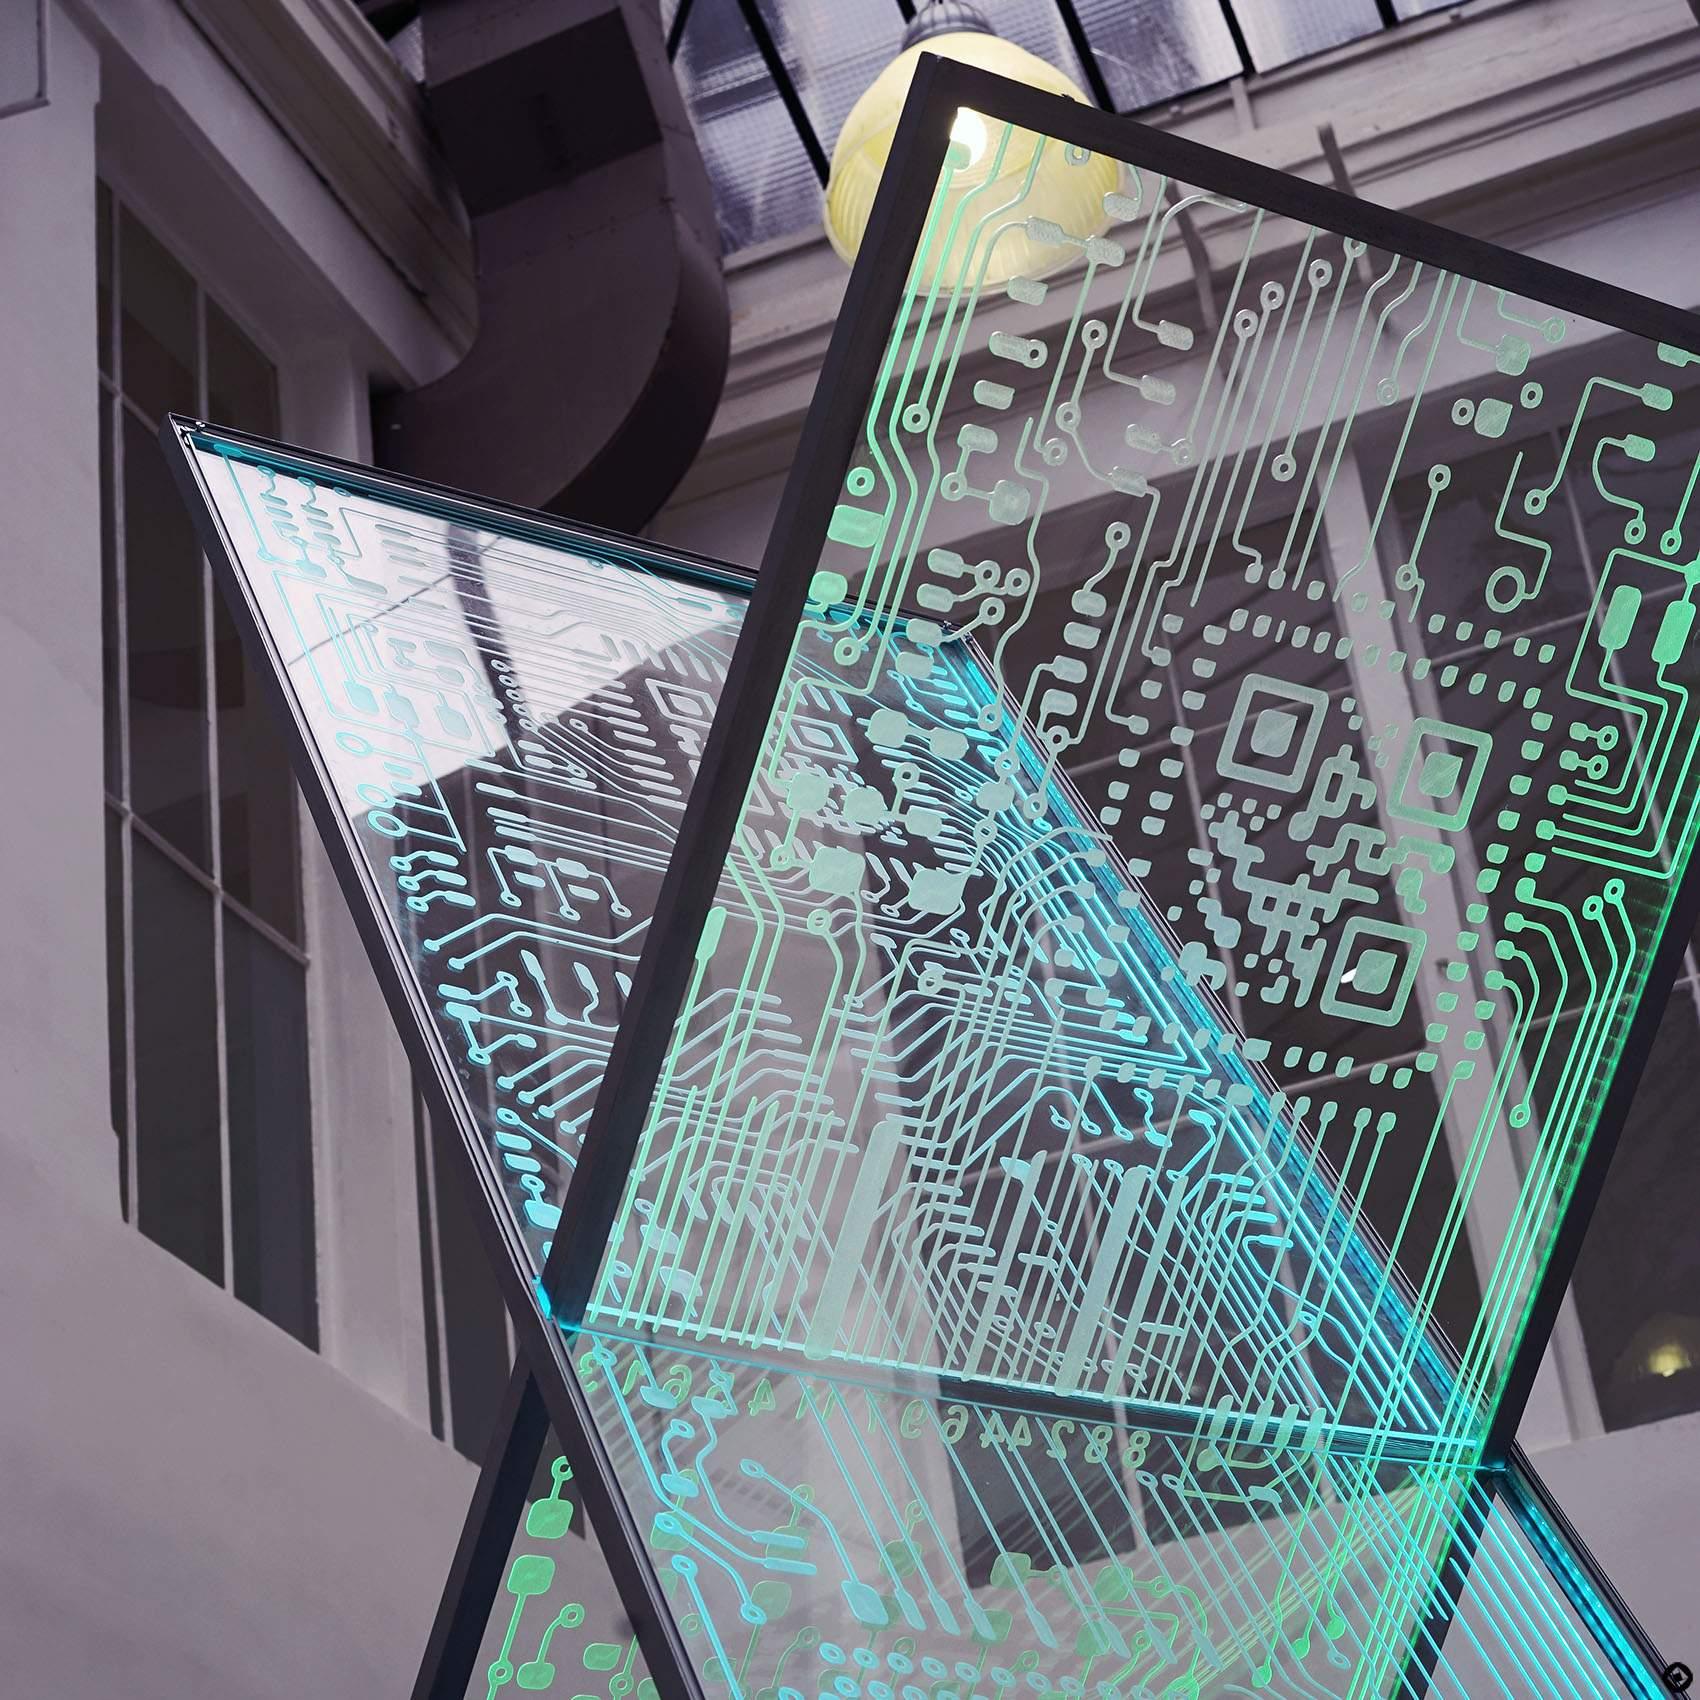 pdw16-galerie-joseph-blog-design